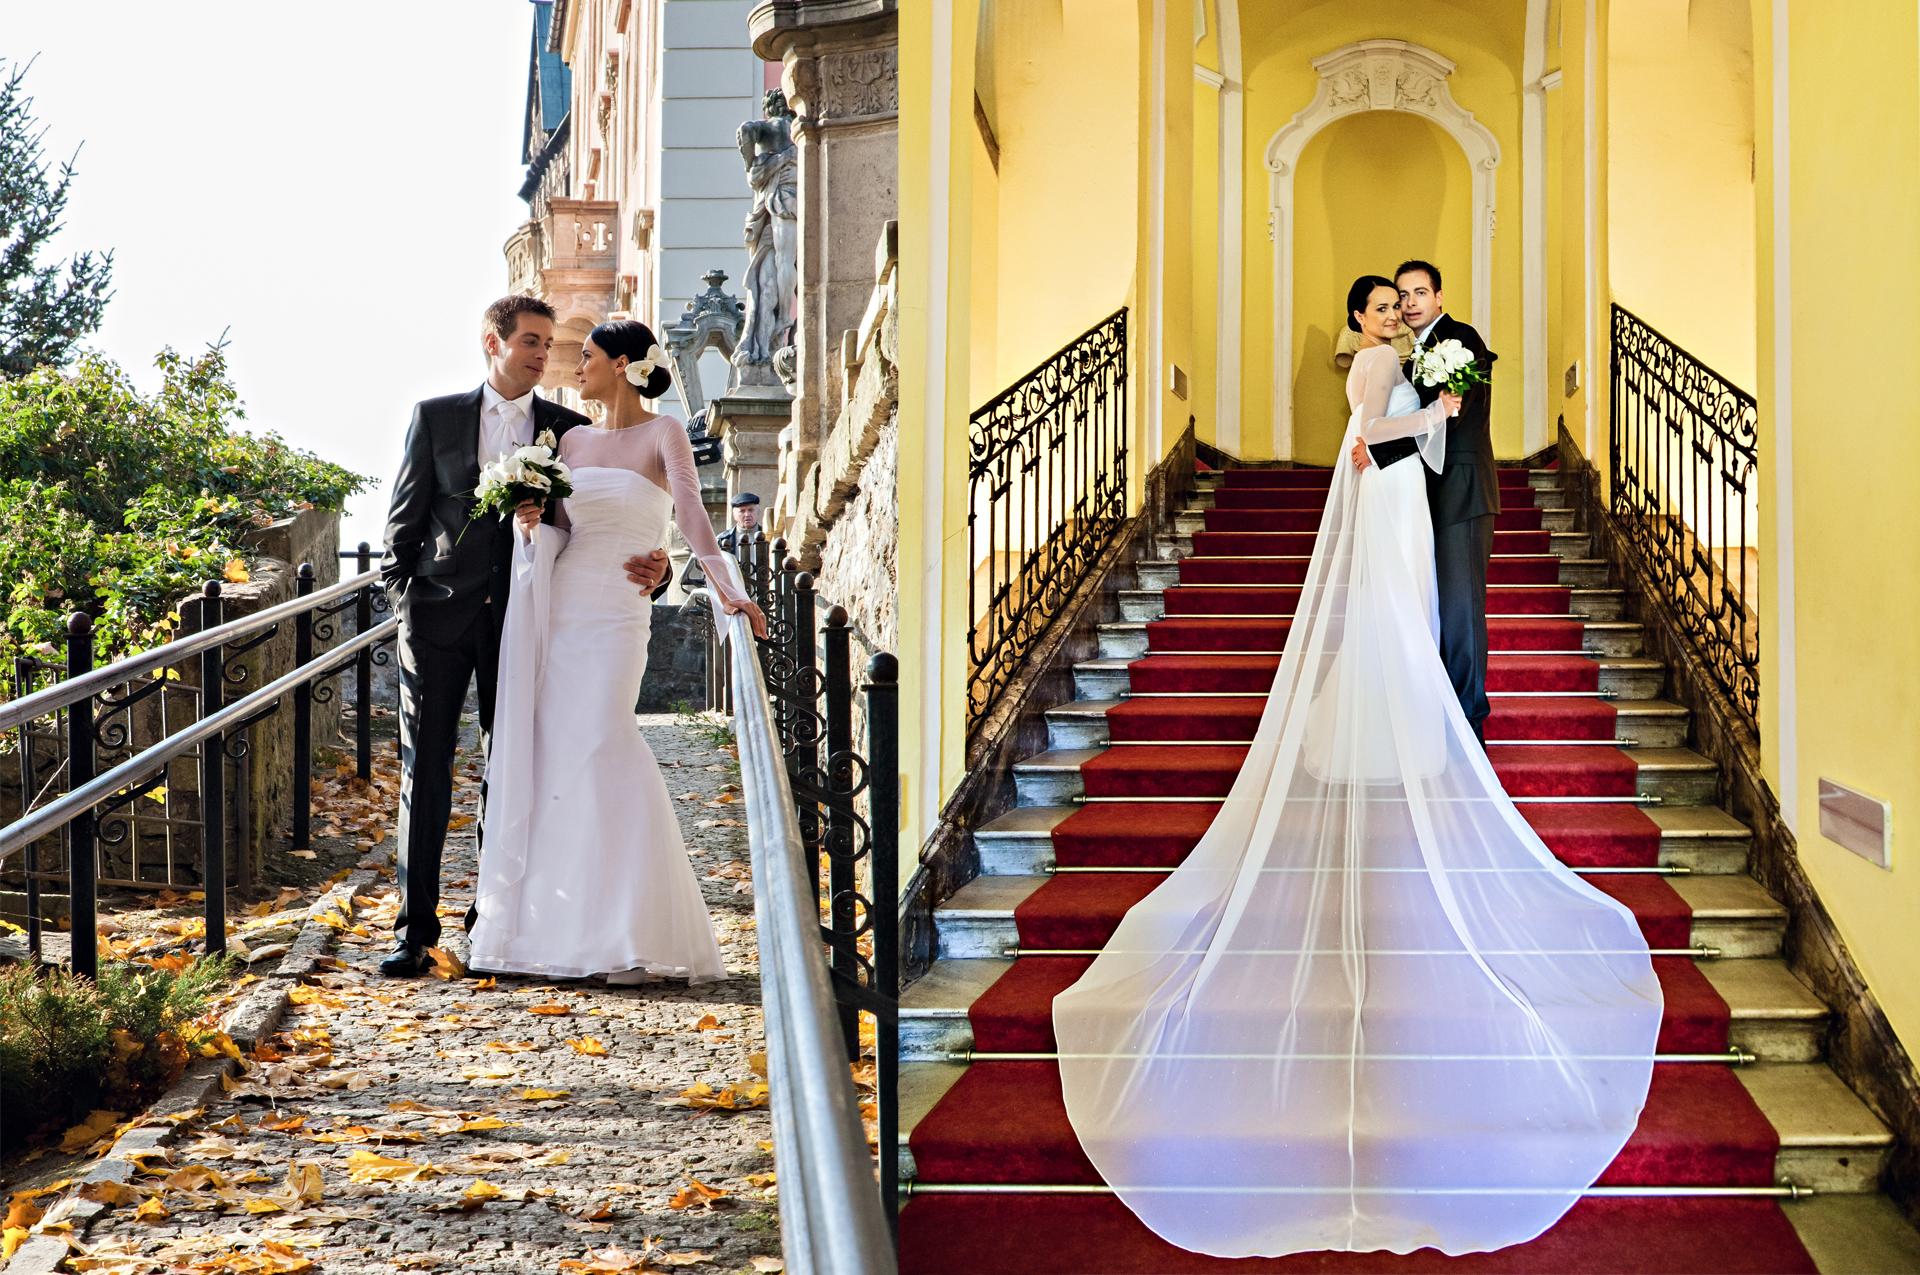 fotograf wałbrzych 14 Plener Oli & Olafa w Zamek Książ